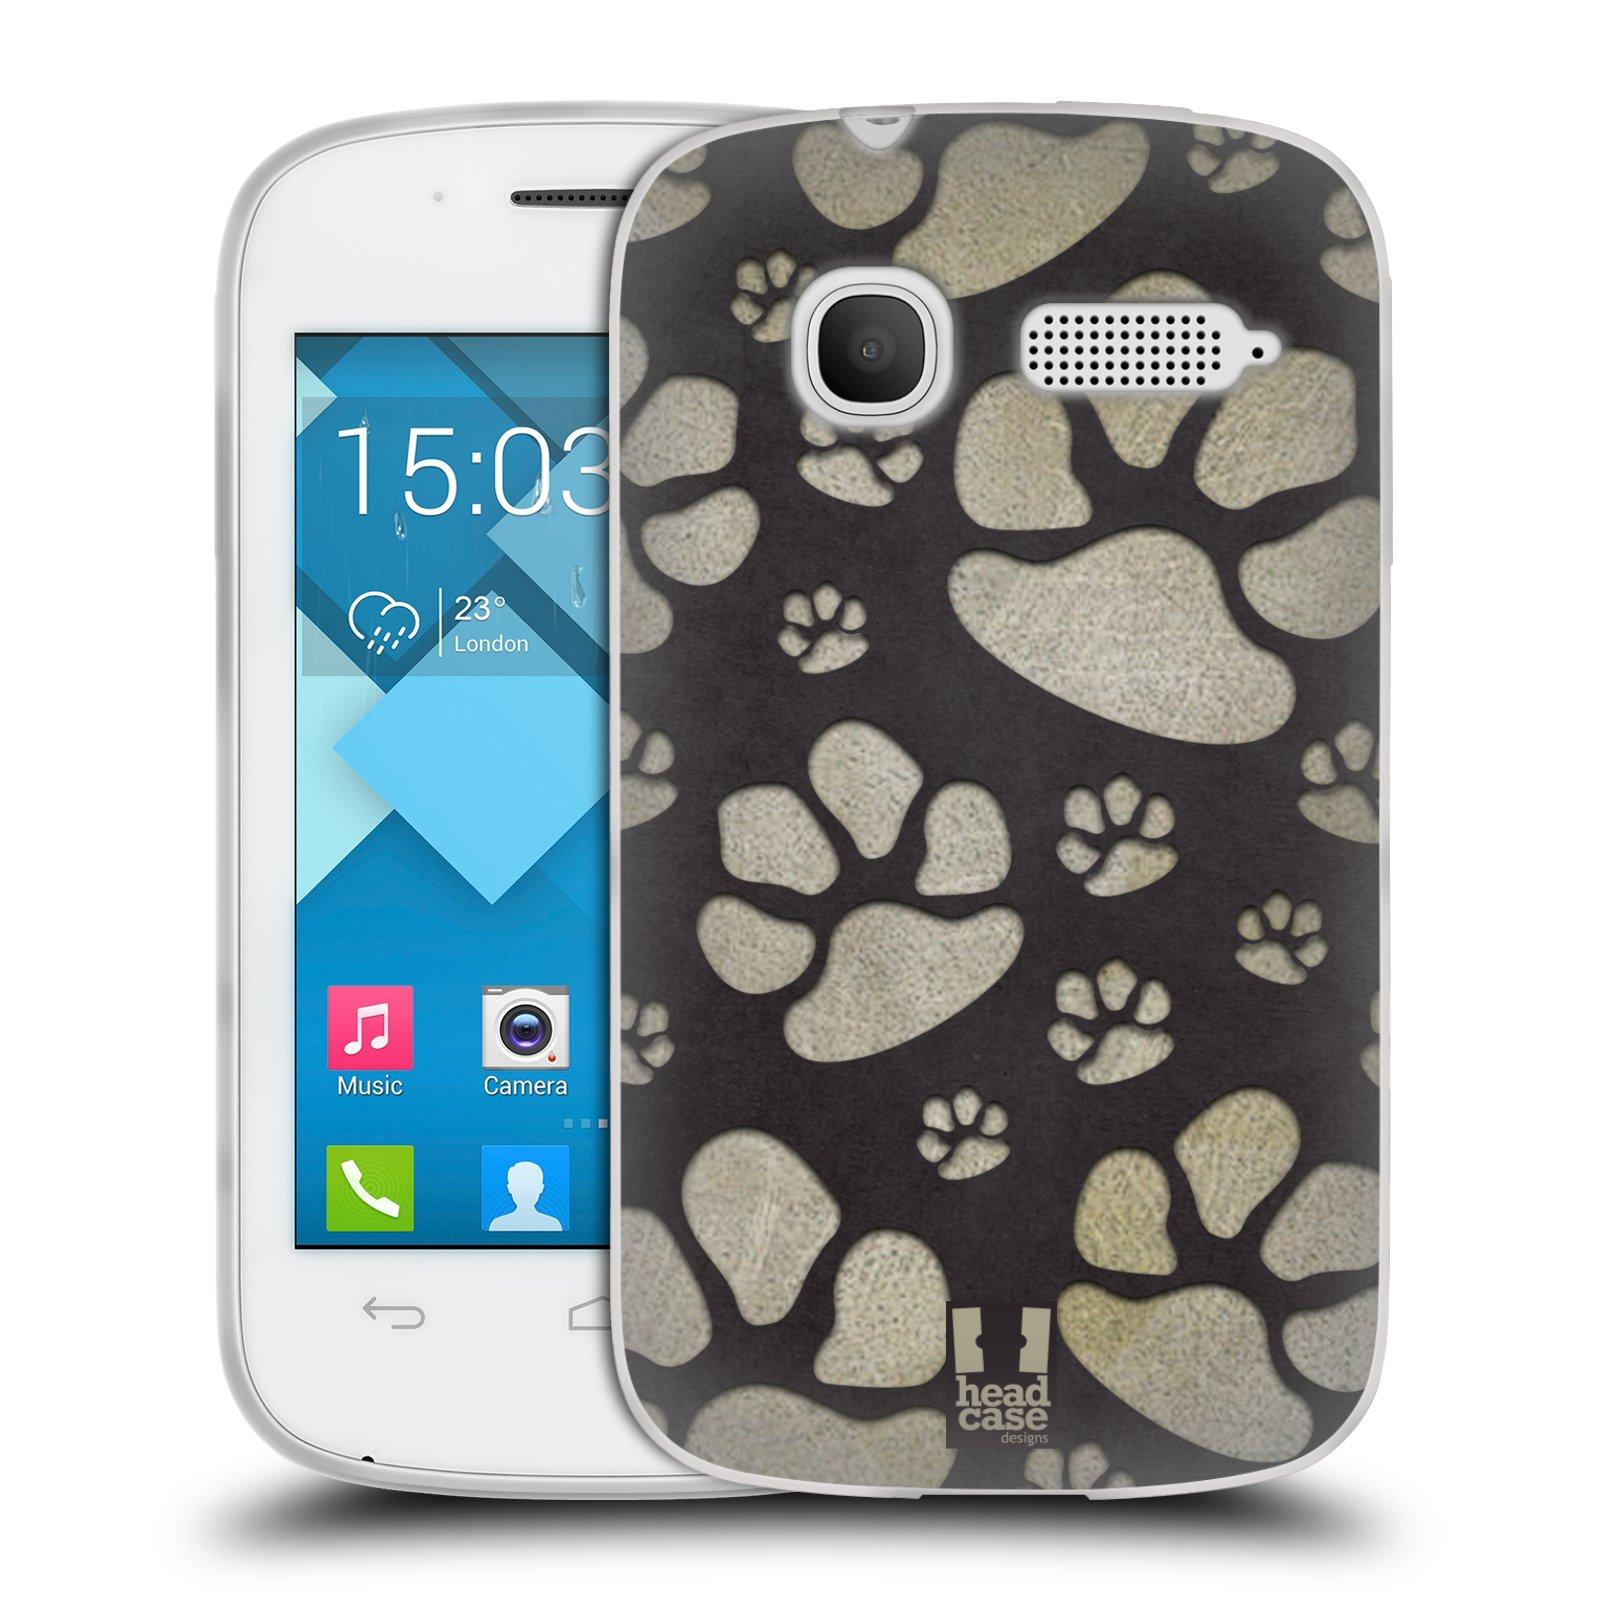 Silikonové pouzdro na mobil Alcatel One Touch Pop C1 HEAD CASE TLAPKY ŠEDÉ (Silikonový kryt či obal na mobilní telefon Alcatel OT-4015D POP C1)